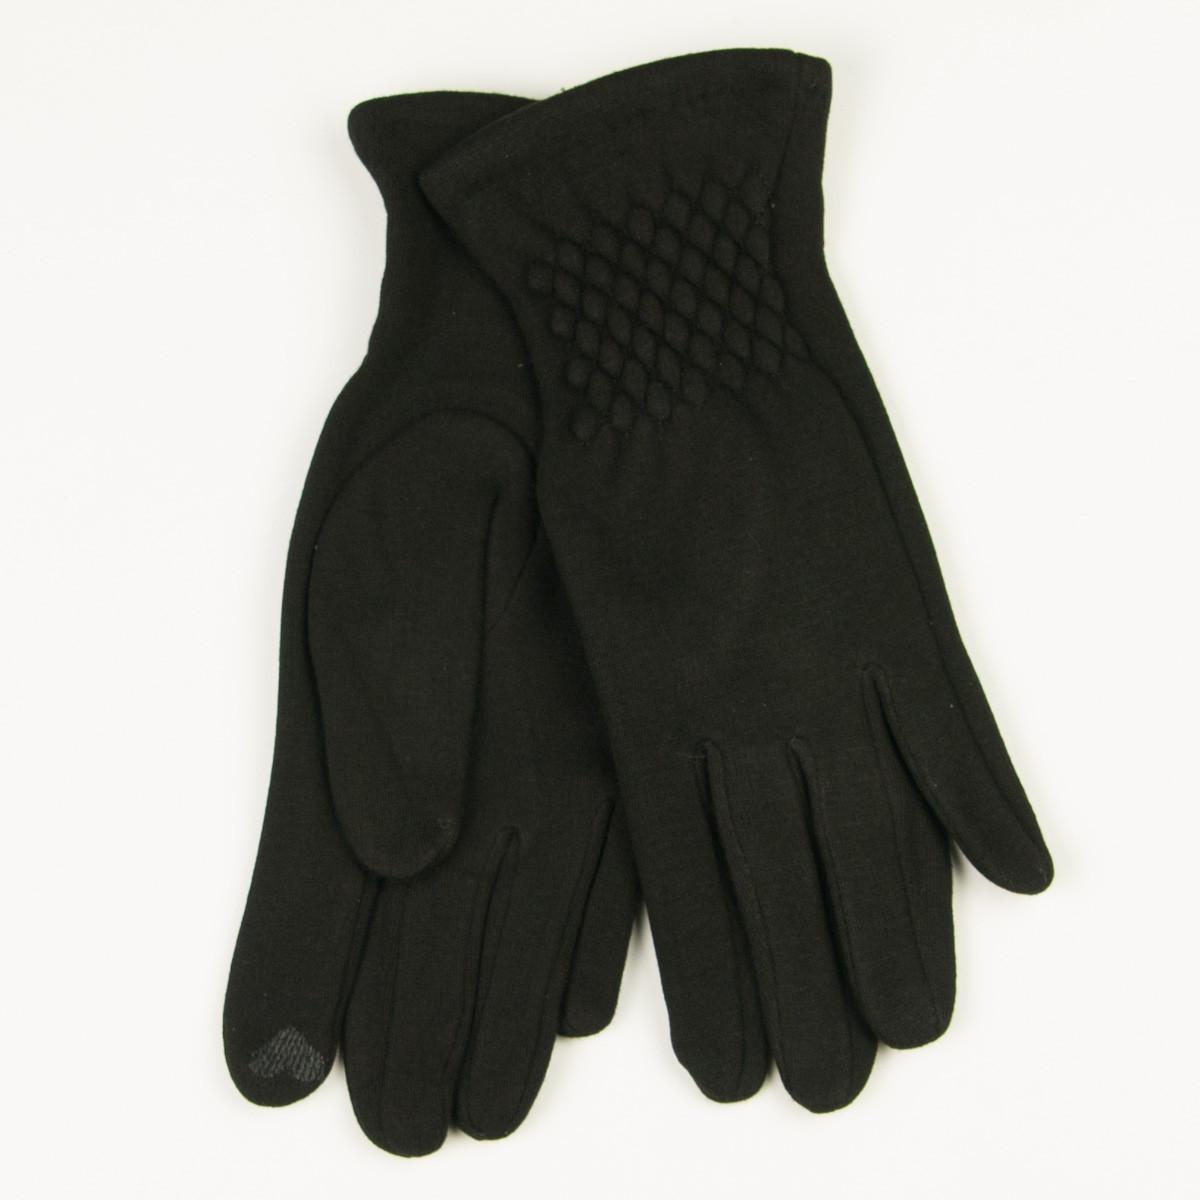 Трикотажные  женские перчатки зимние   № 19-1-39V1/5